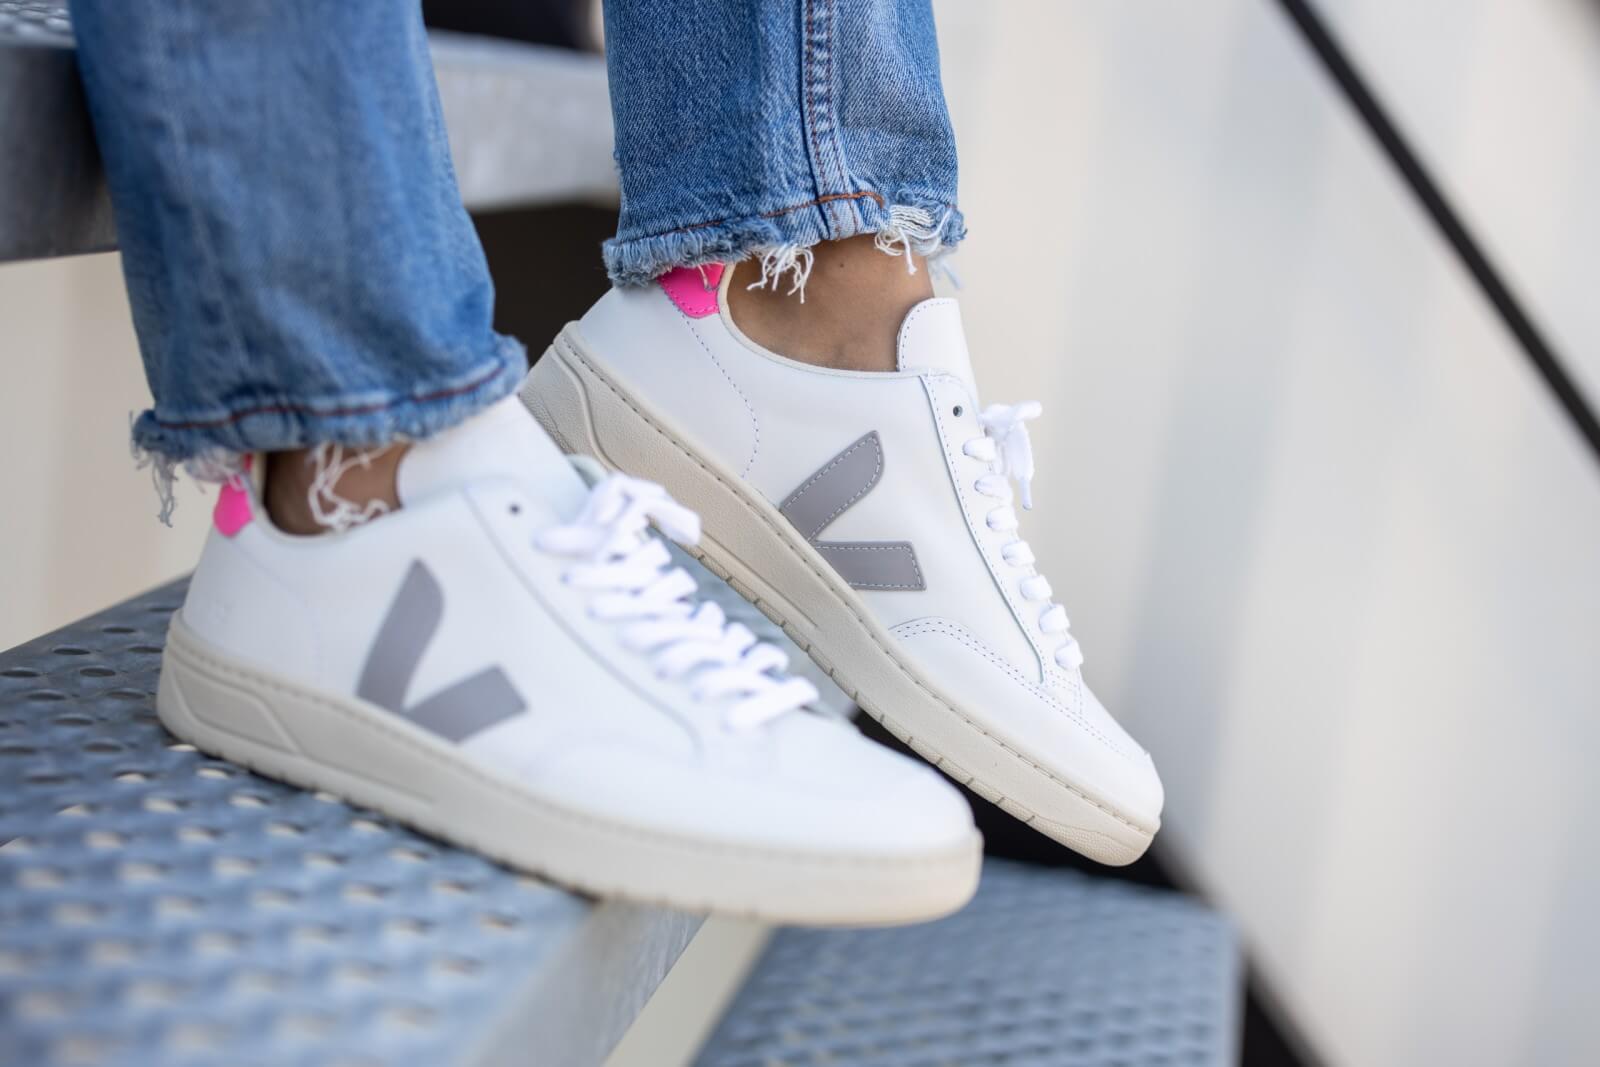 Veja Women's V-12 Leather Extra White